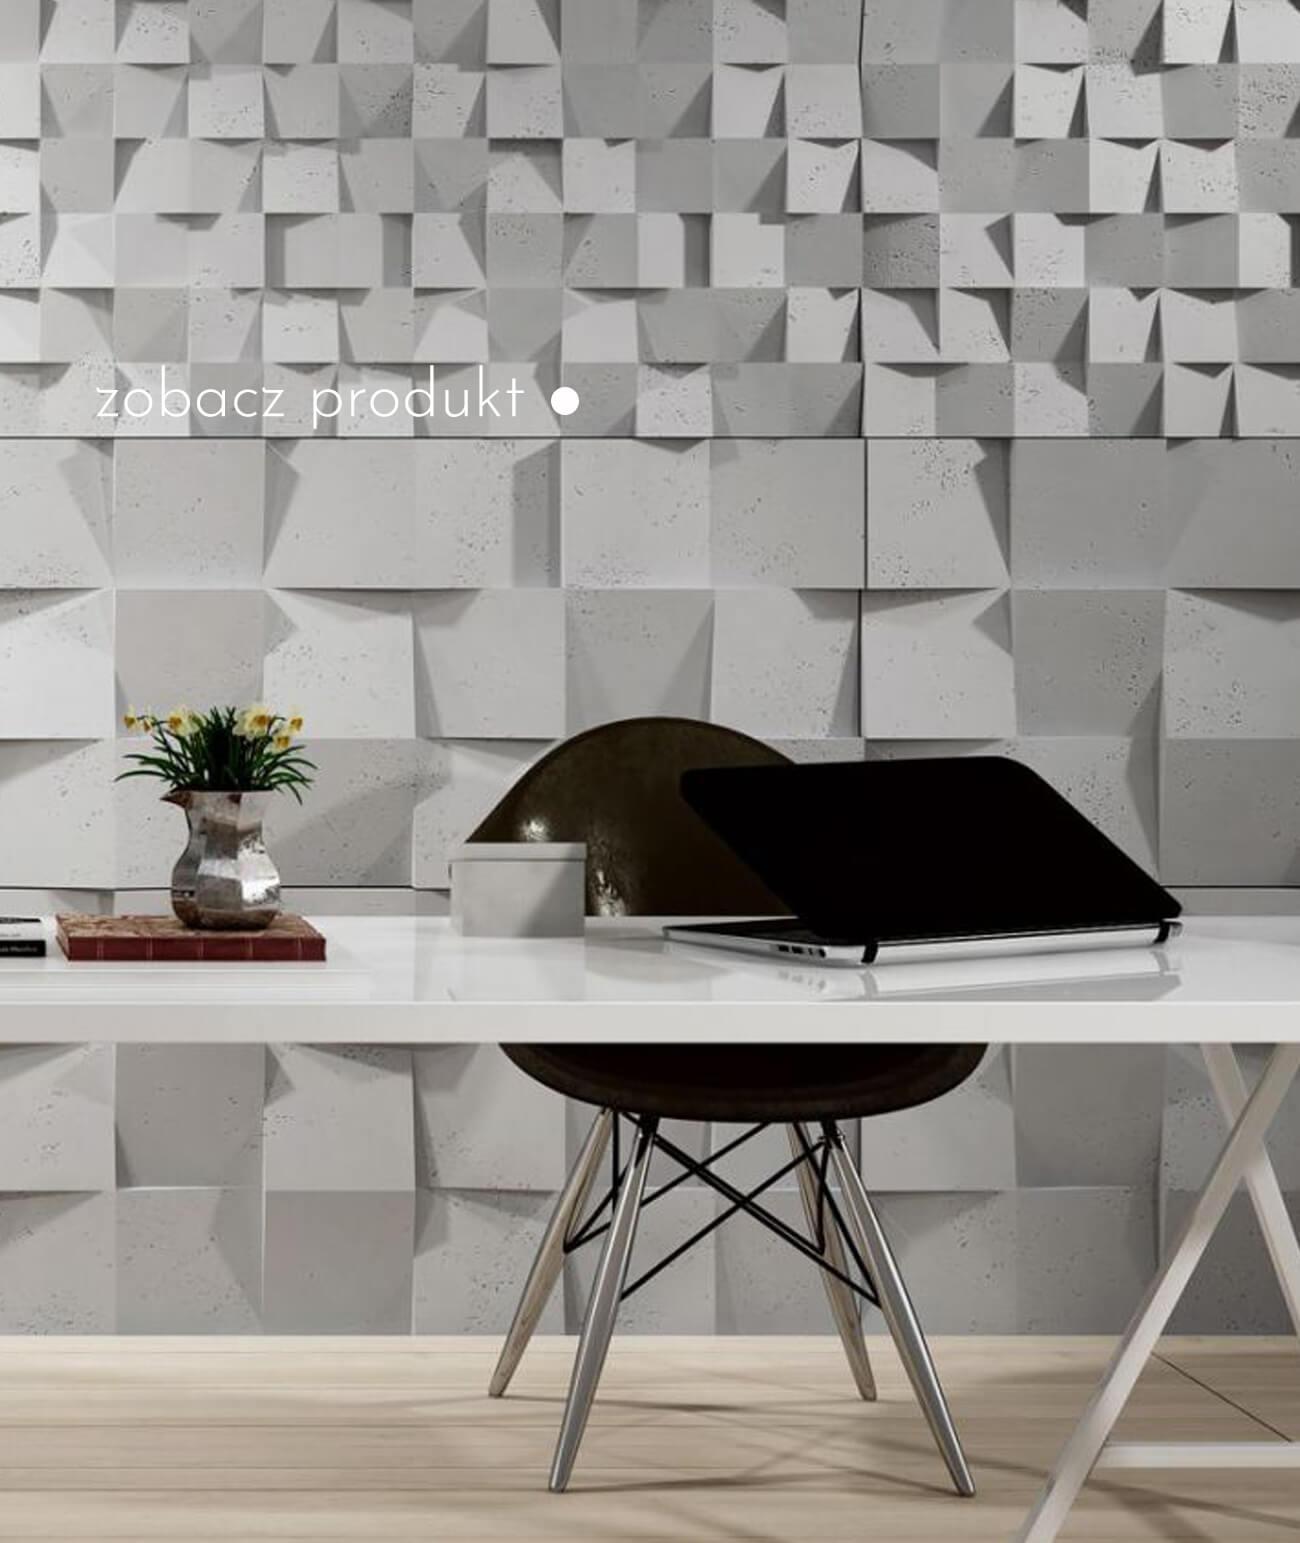 panele-betonowe-3d-scienne-i-elewacyjne-beton-architektoniczny_479-2554-pb15-s50-jasno-szary-mysi-coco---panel-dekor-3d-beton-architektoniczny-panel-scienny